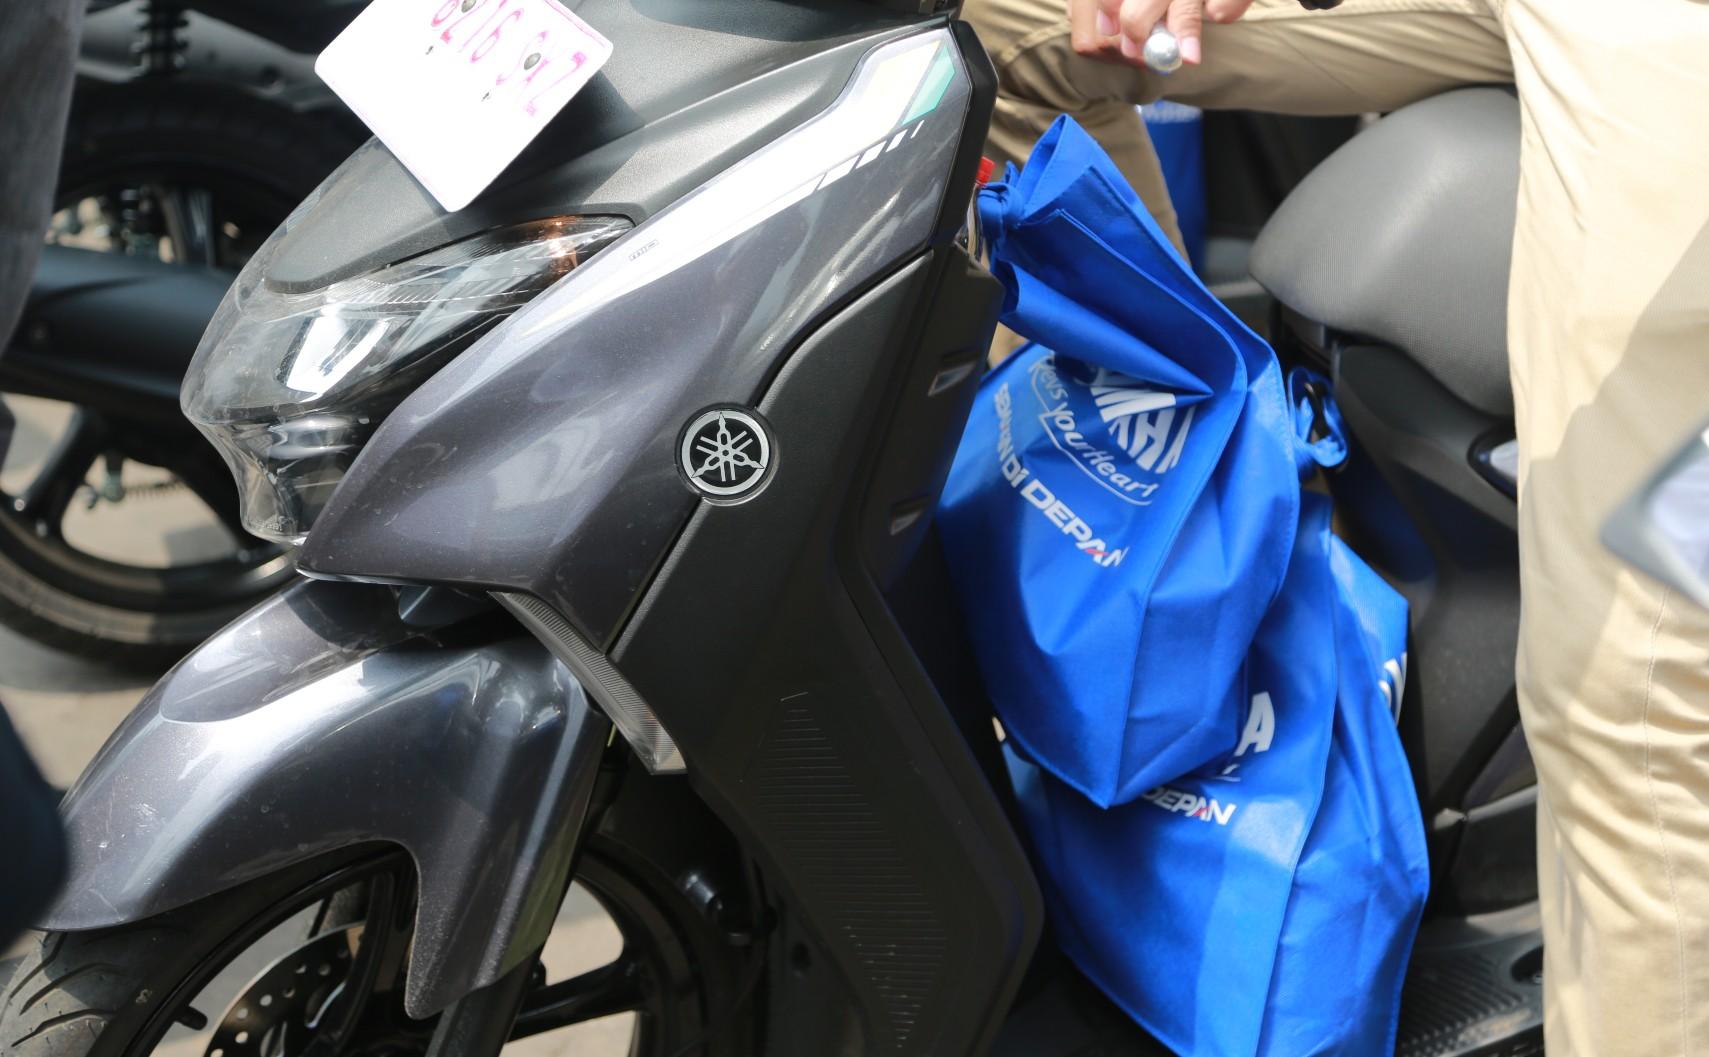 Ini 5 Keuntungan Menggunakan Motor Yamaha 125 cc